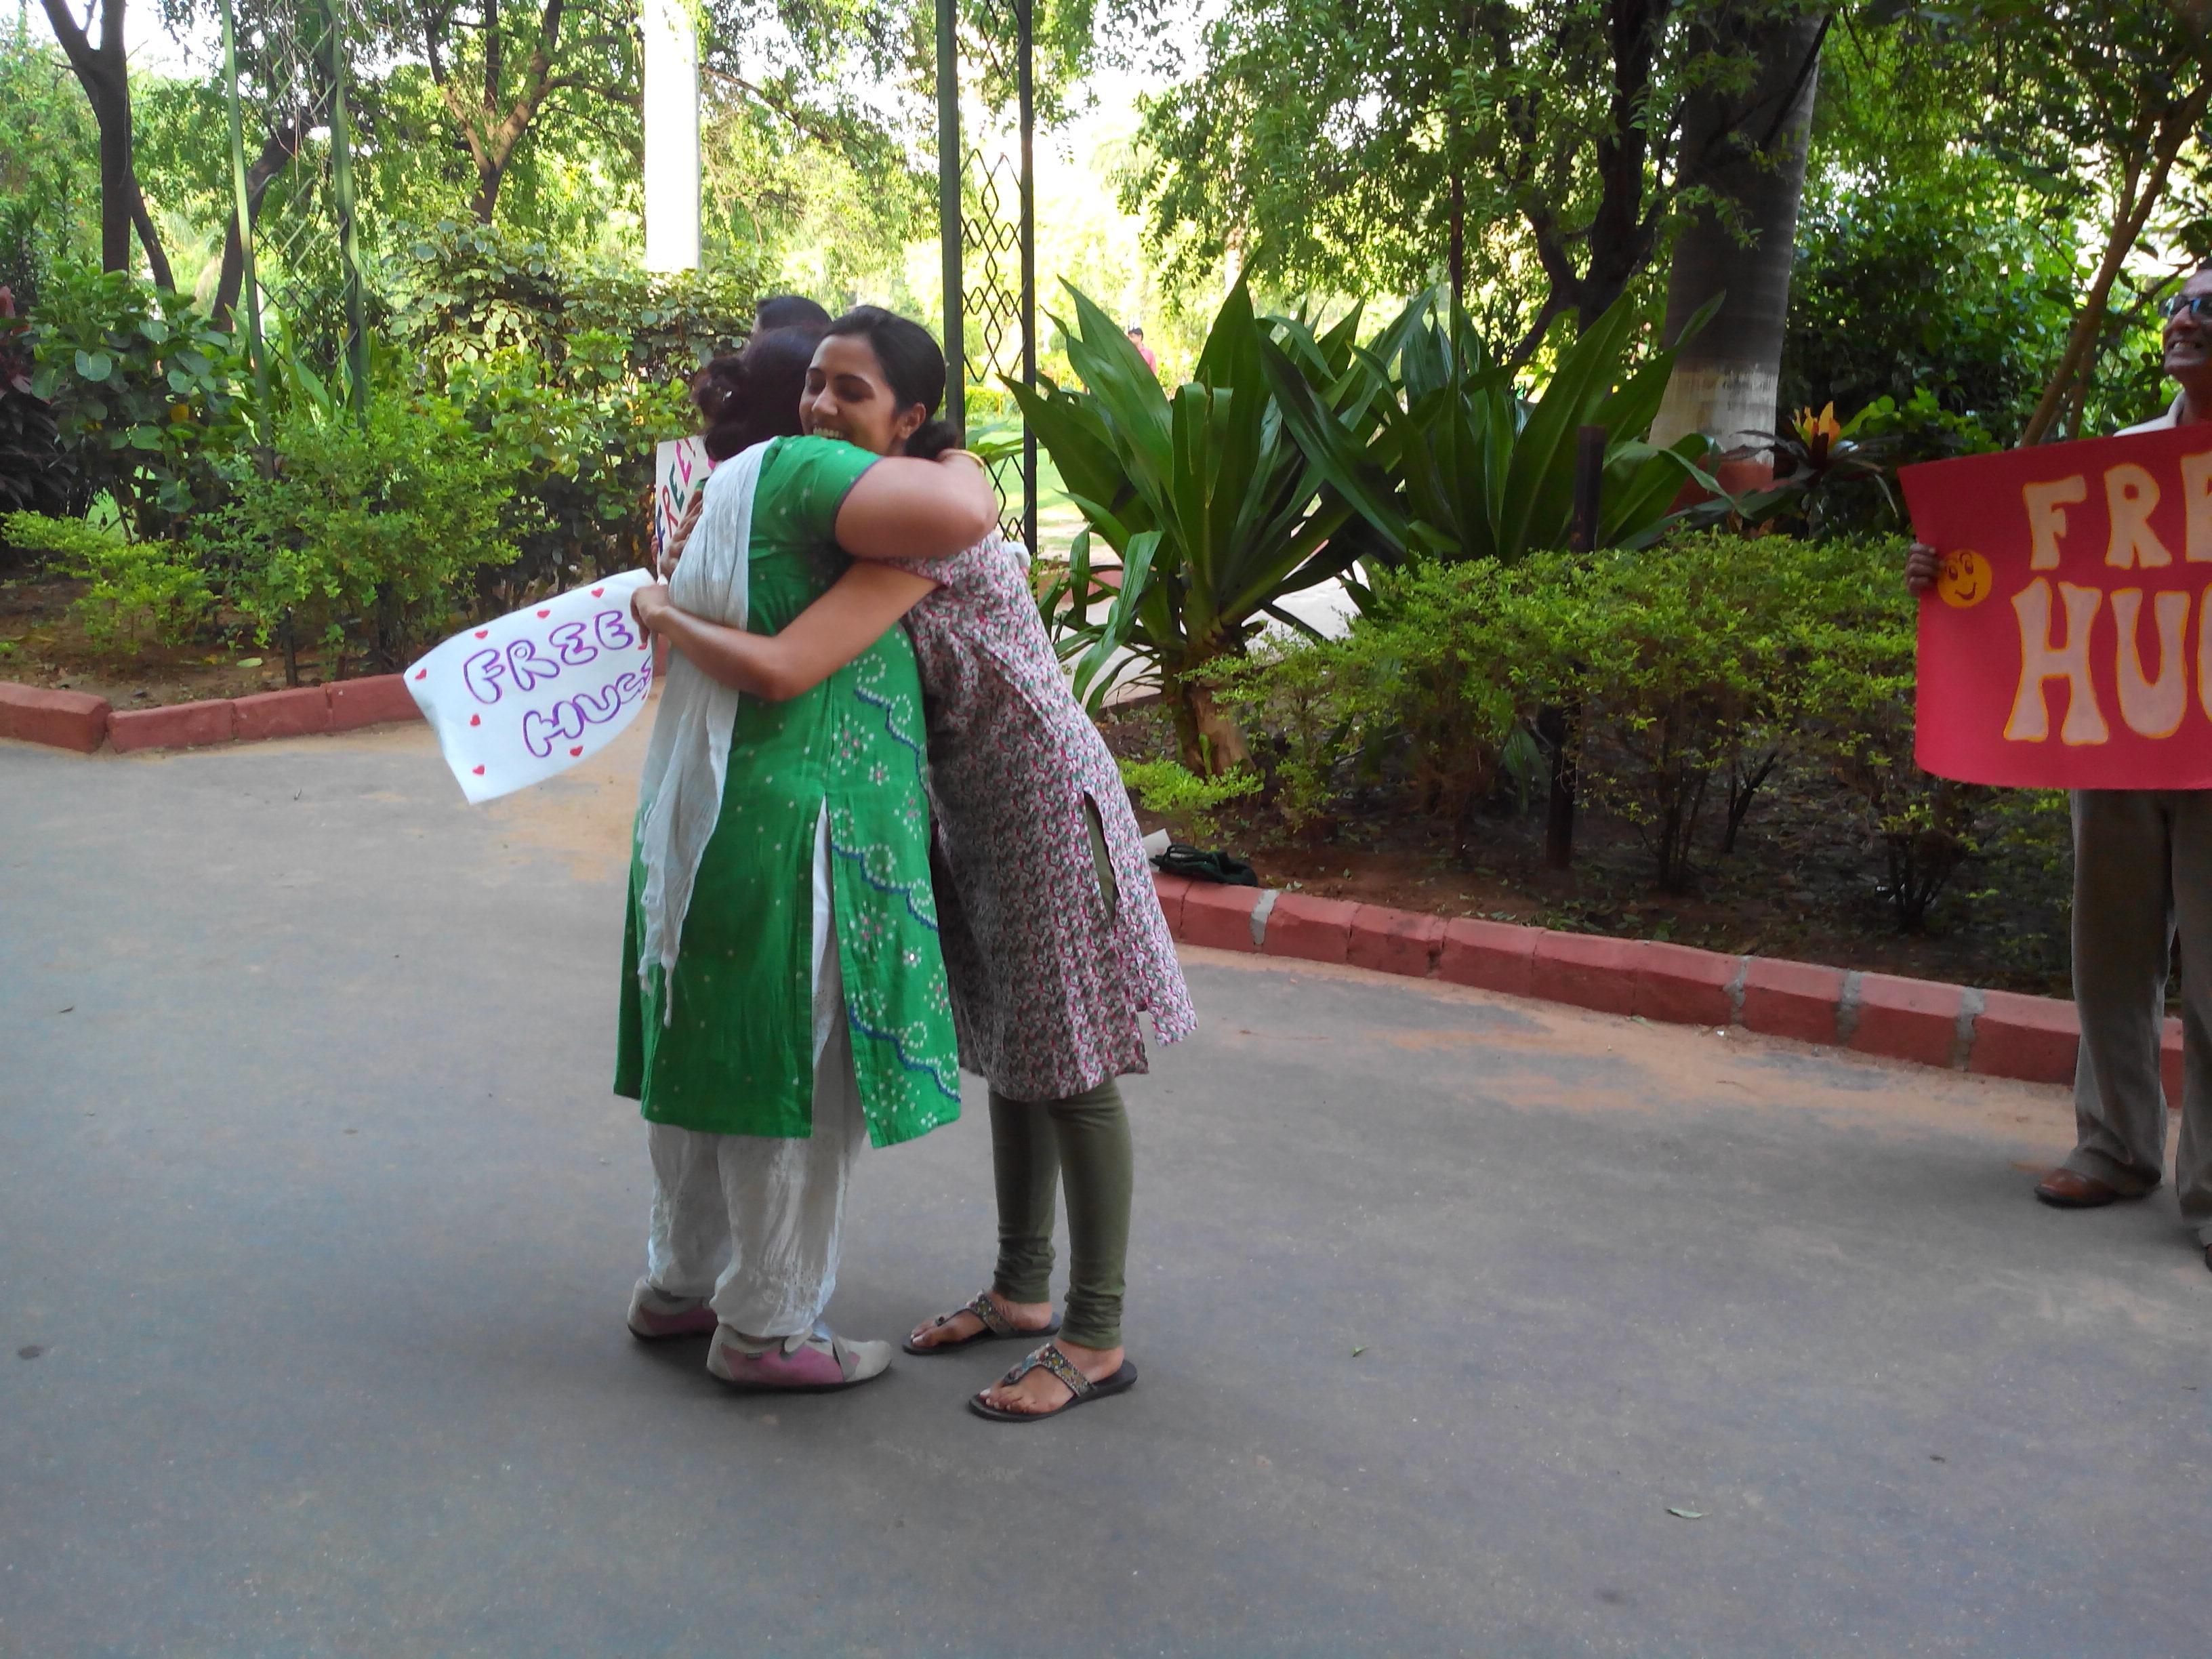 Free Hugs Campaign - Vadodara (6)